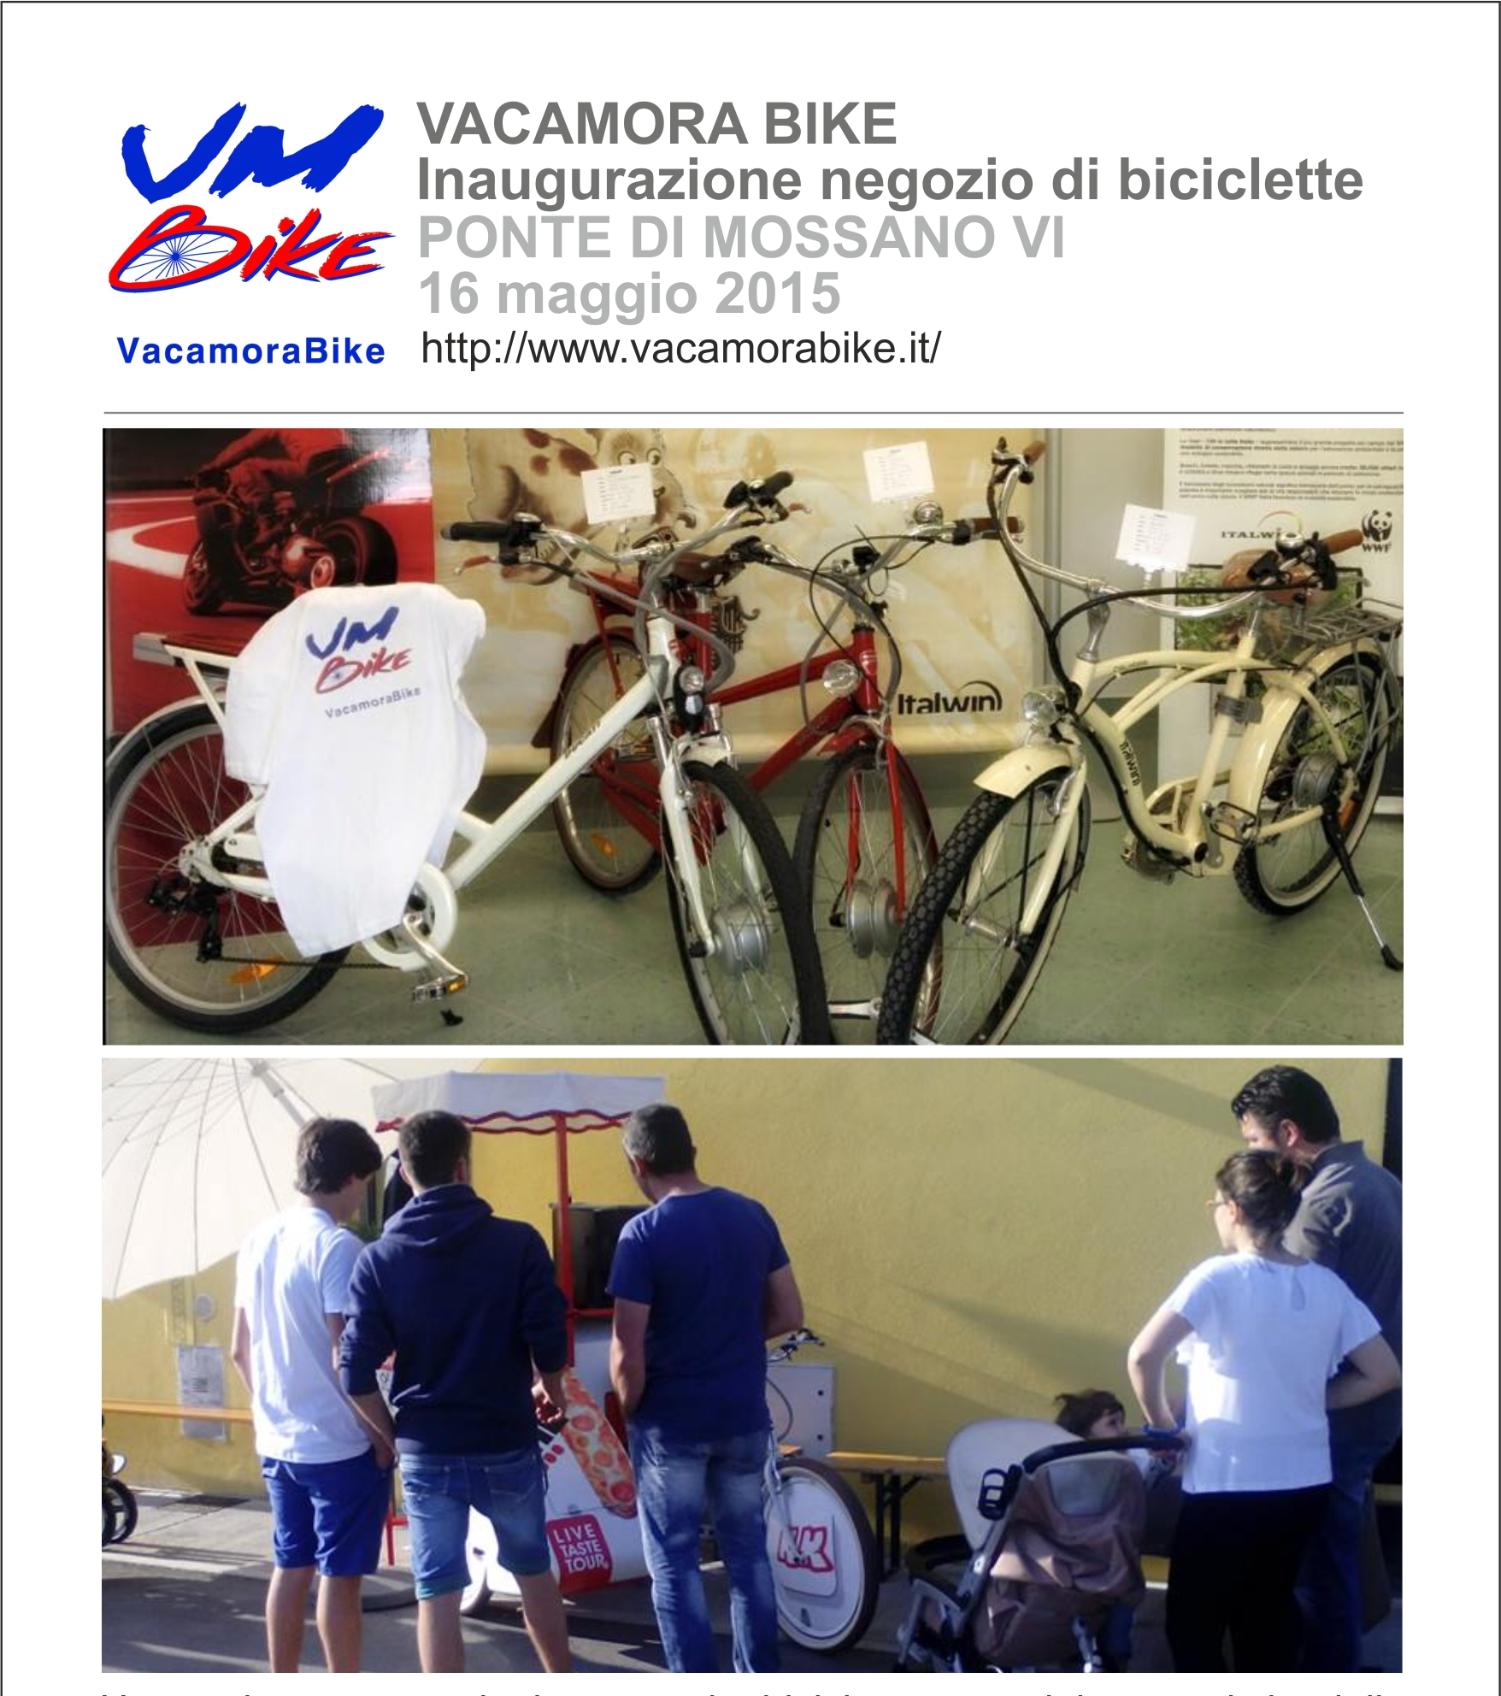 VacamoraBike - Mossano - VI